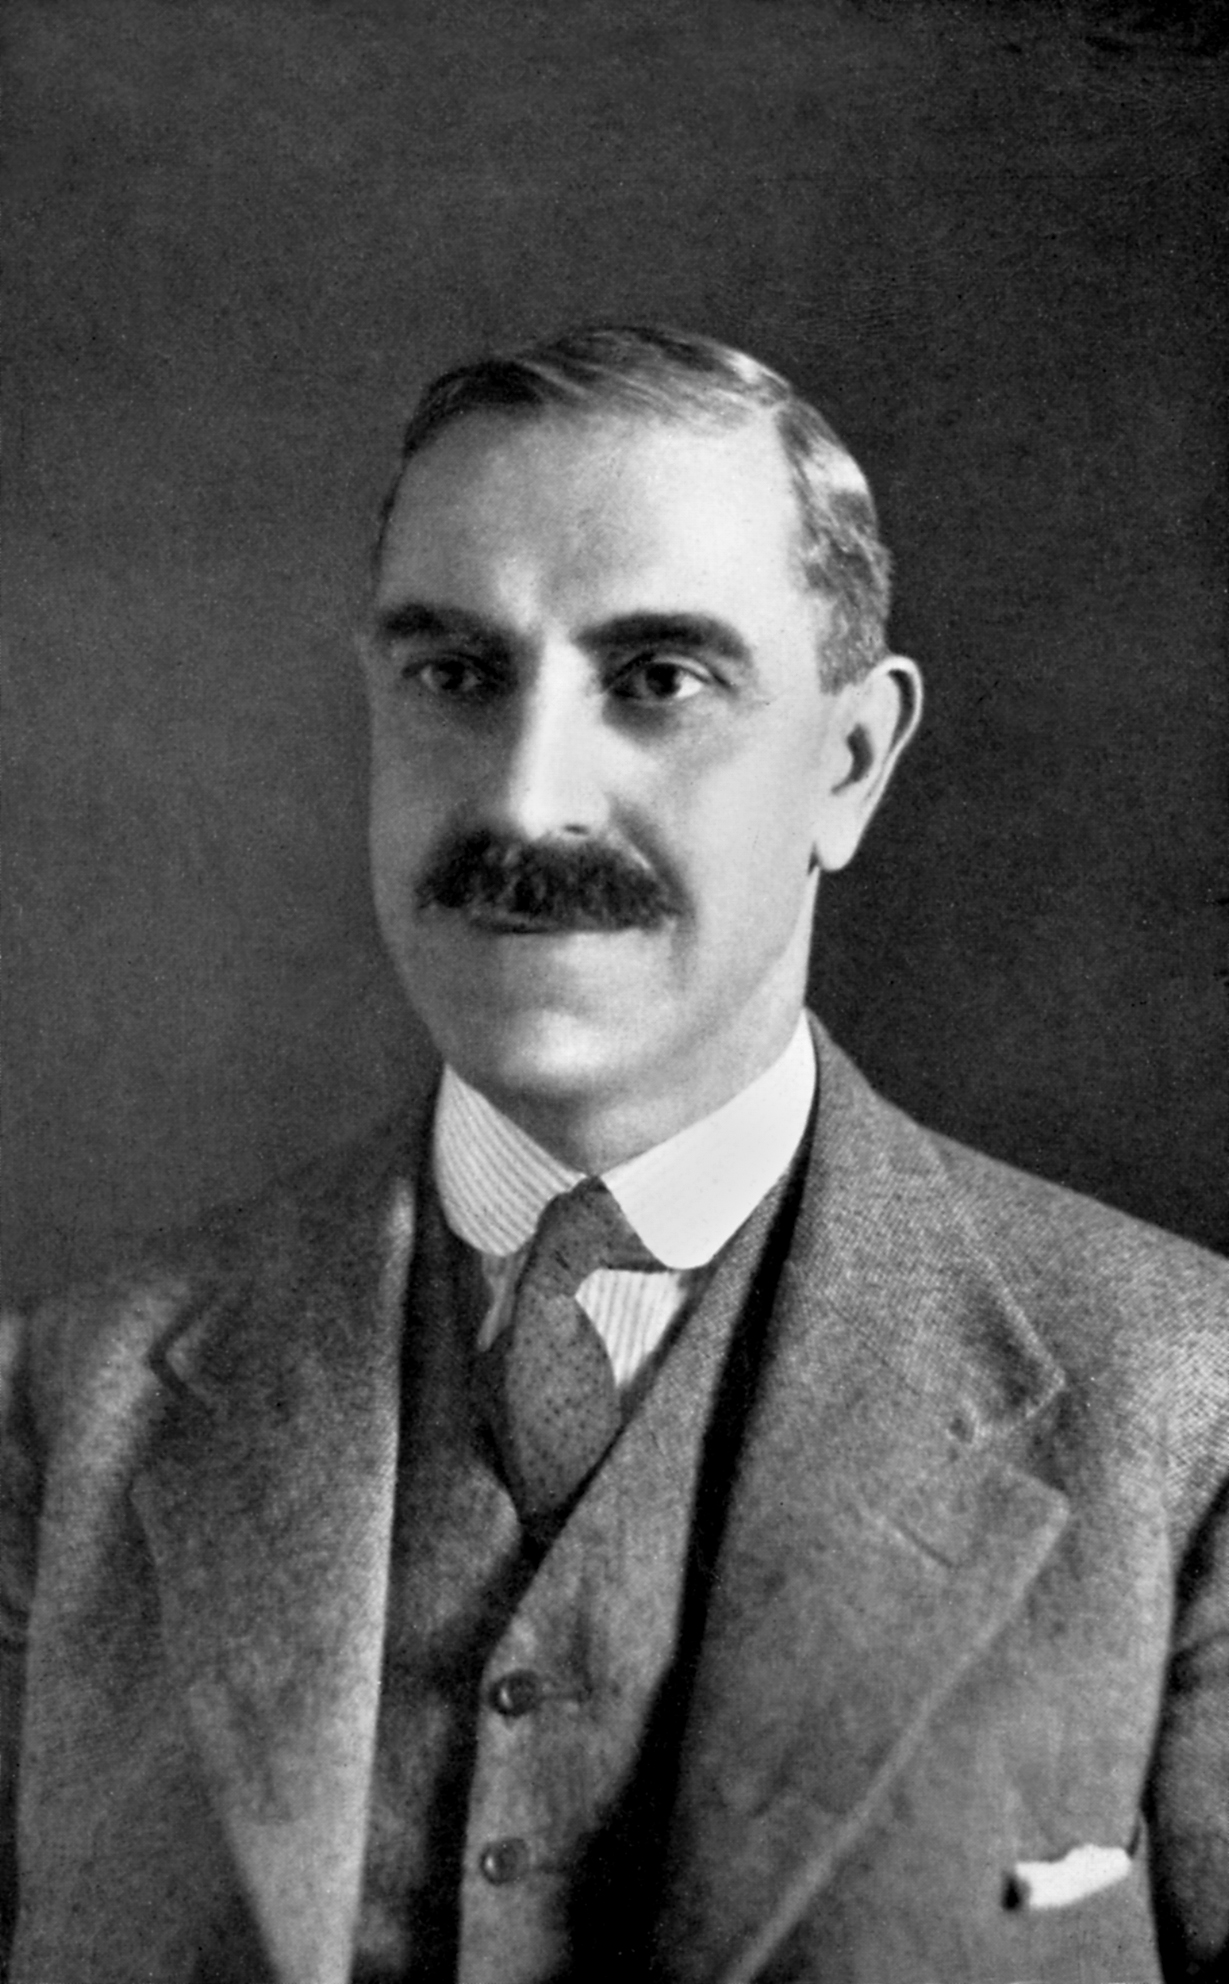 Sir William Stanier 1941